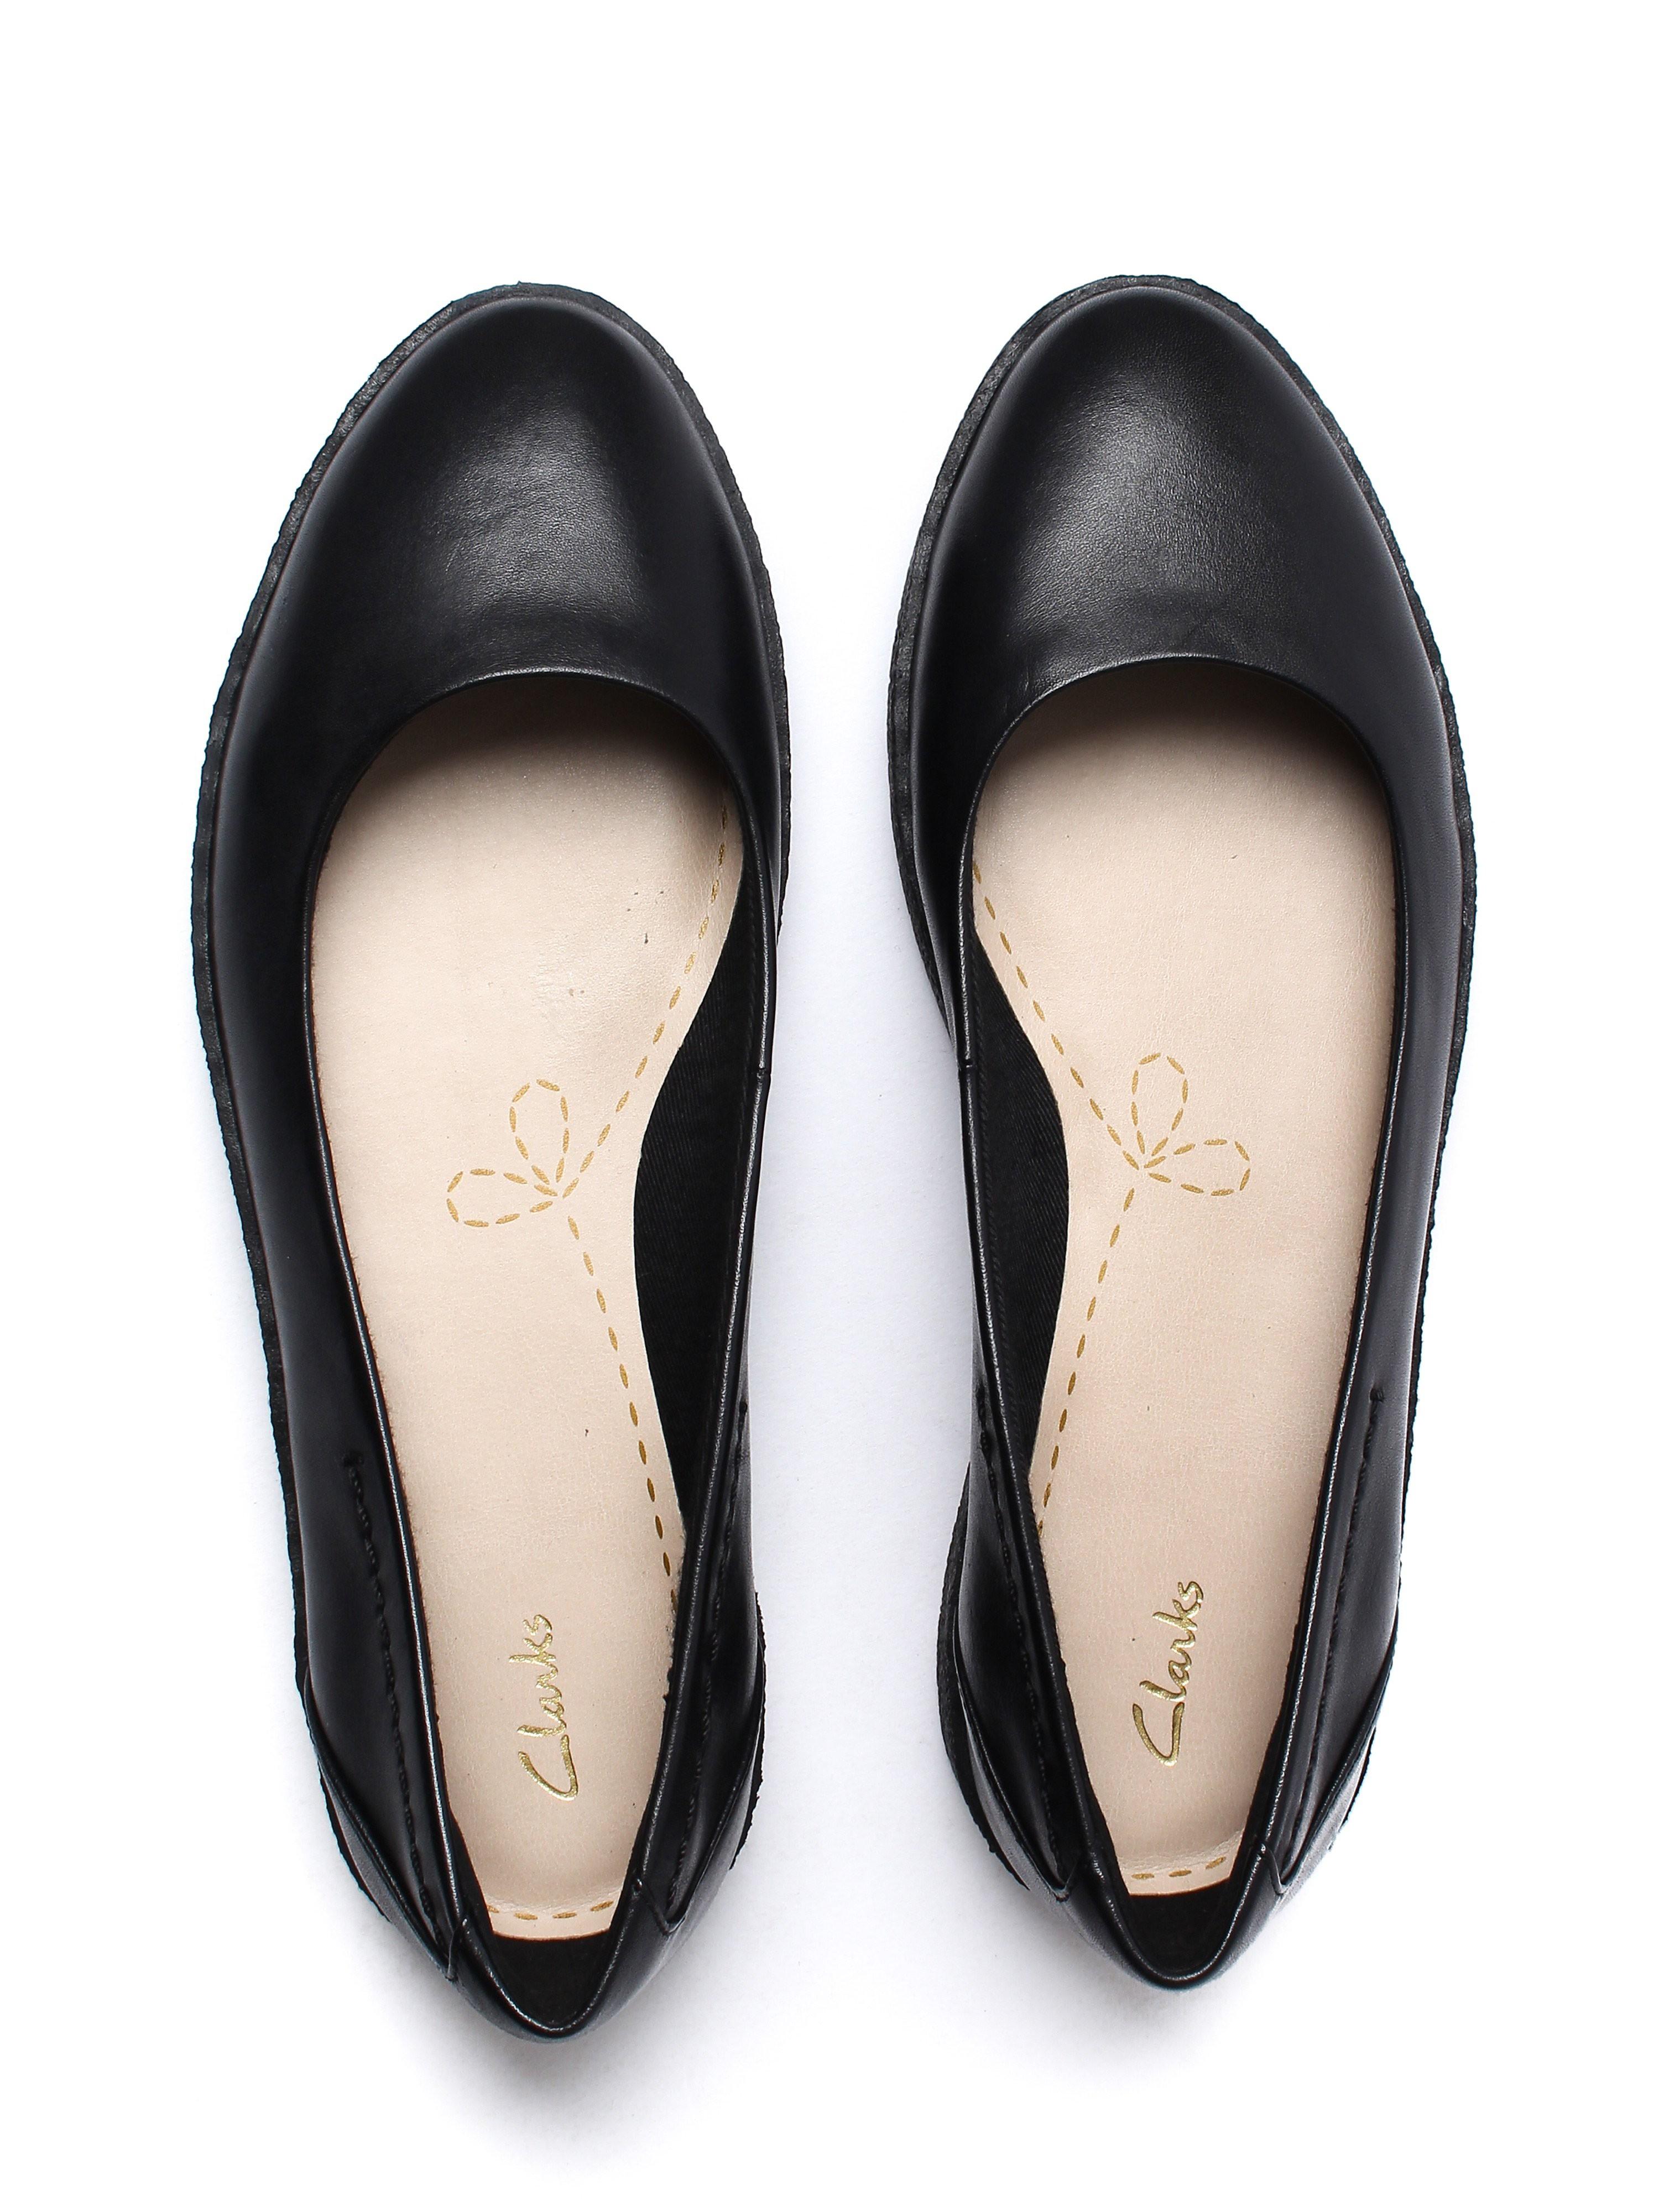 Clarks Women's Lillia Petal Shoes - Black Leather